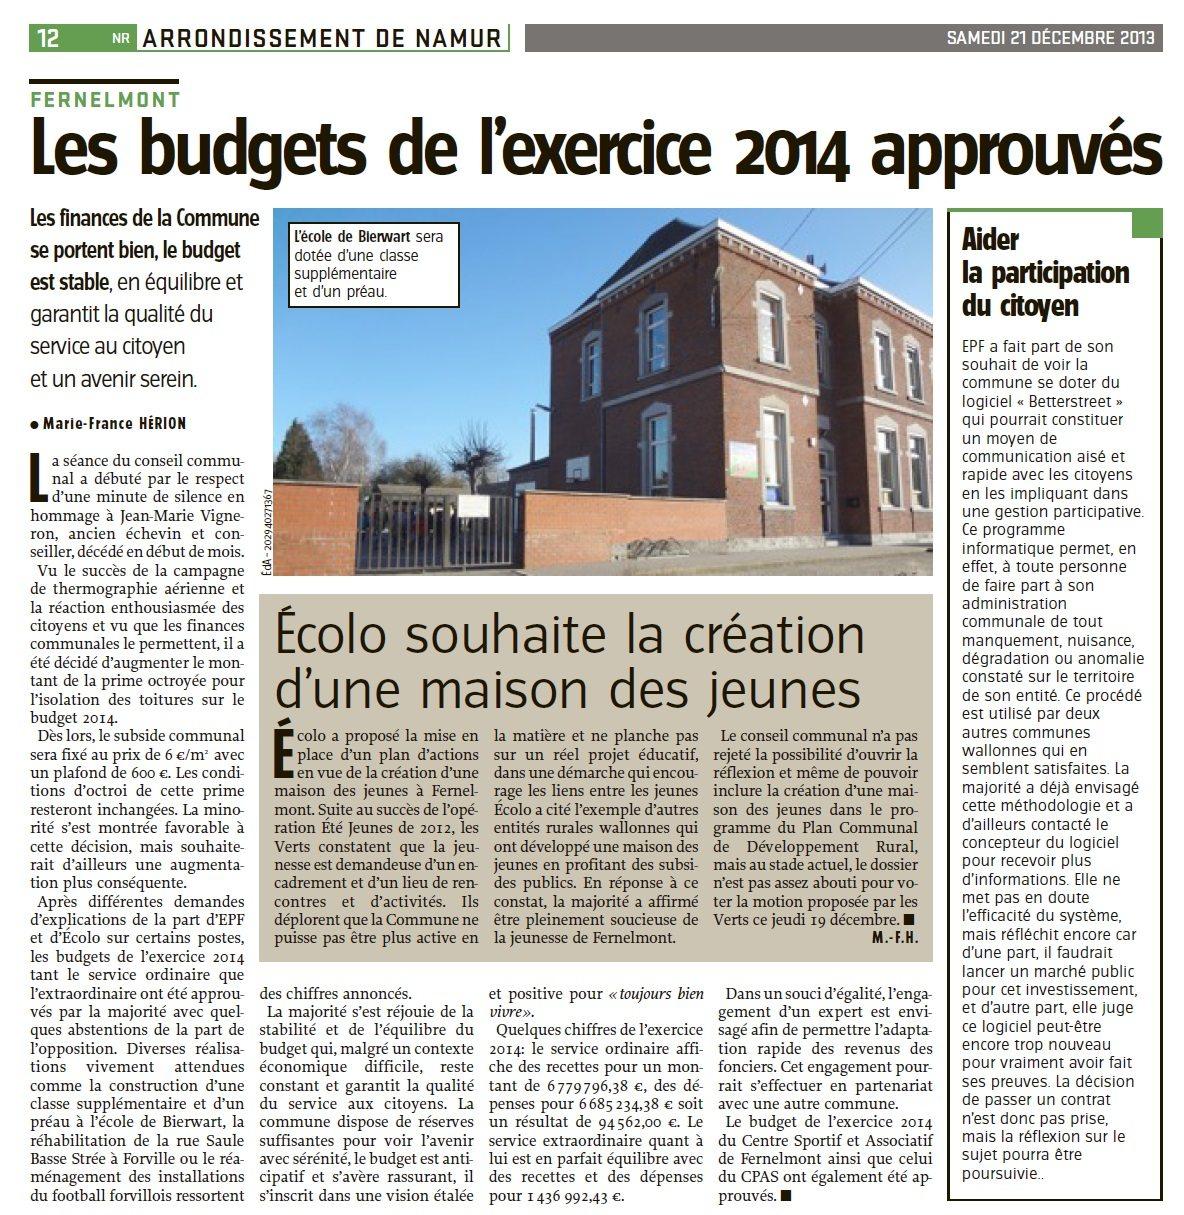 Conseil communal du 19 décembre 2013